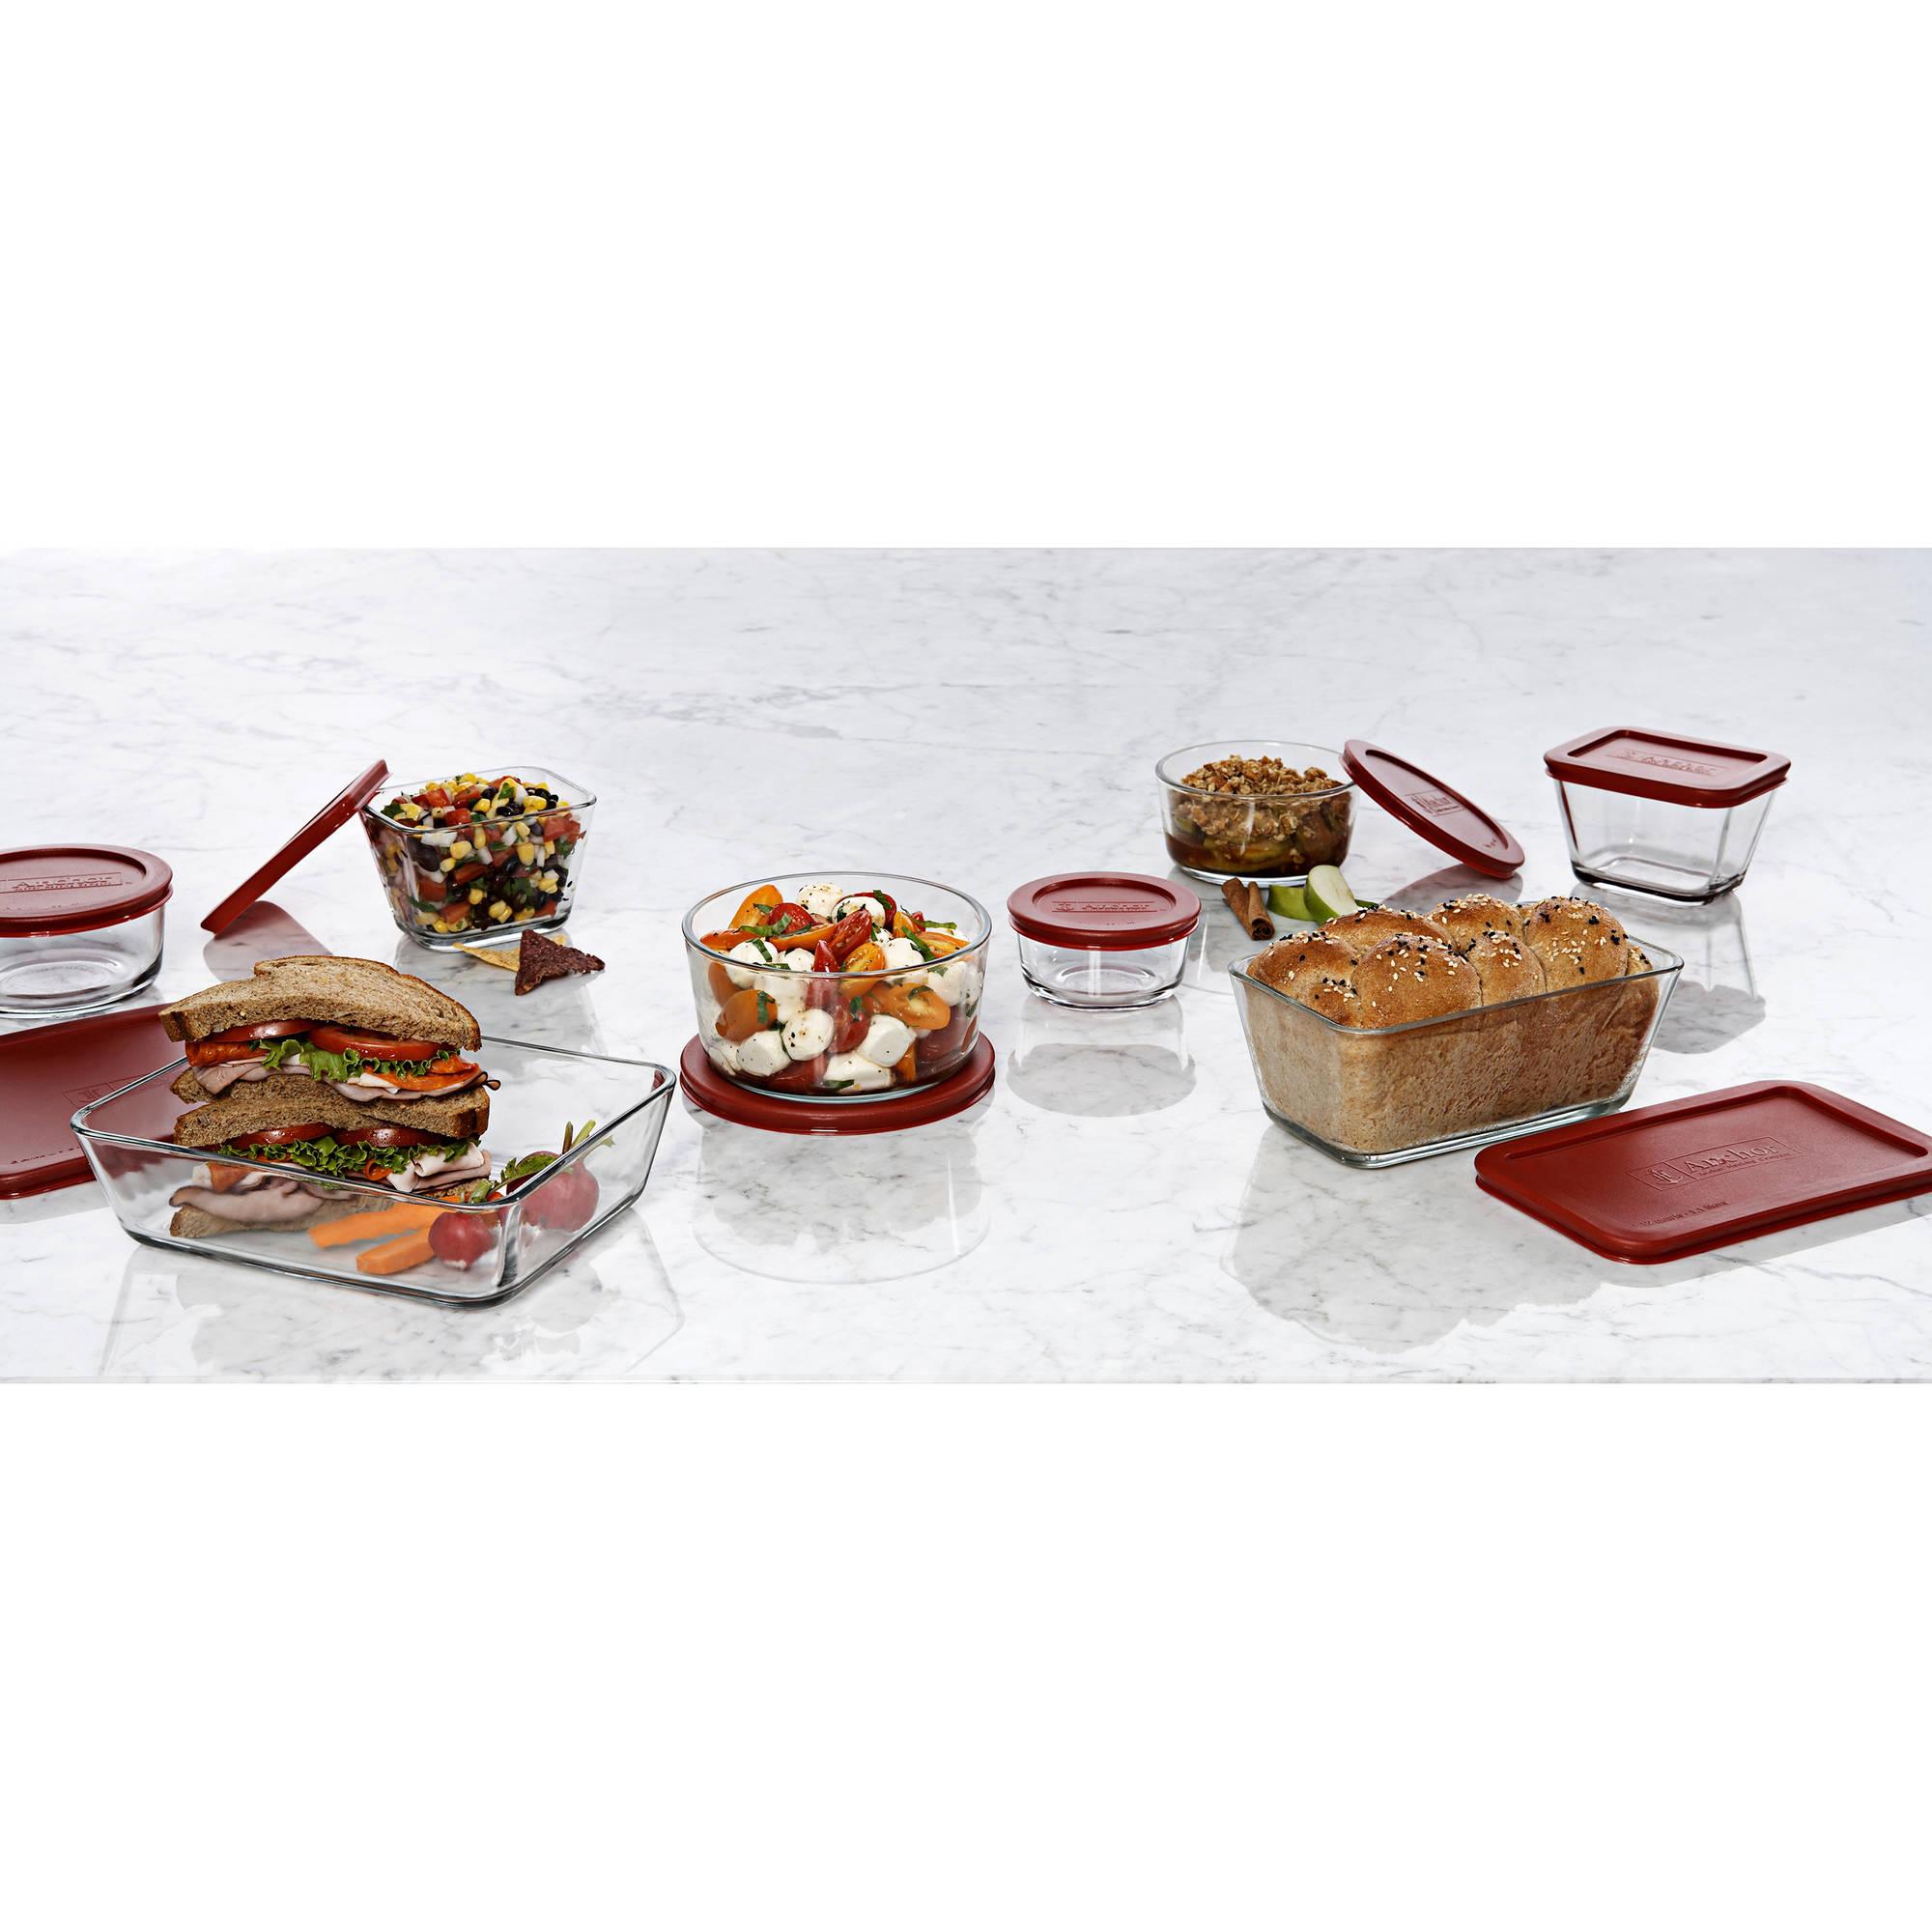 anchor hocking 16 piece kitchen food storage set with red lids